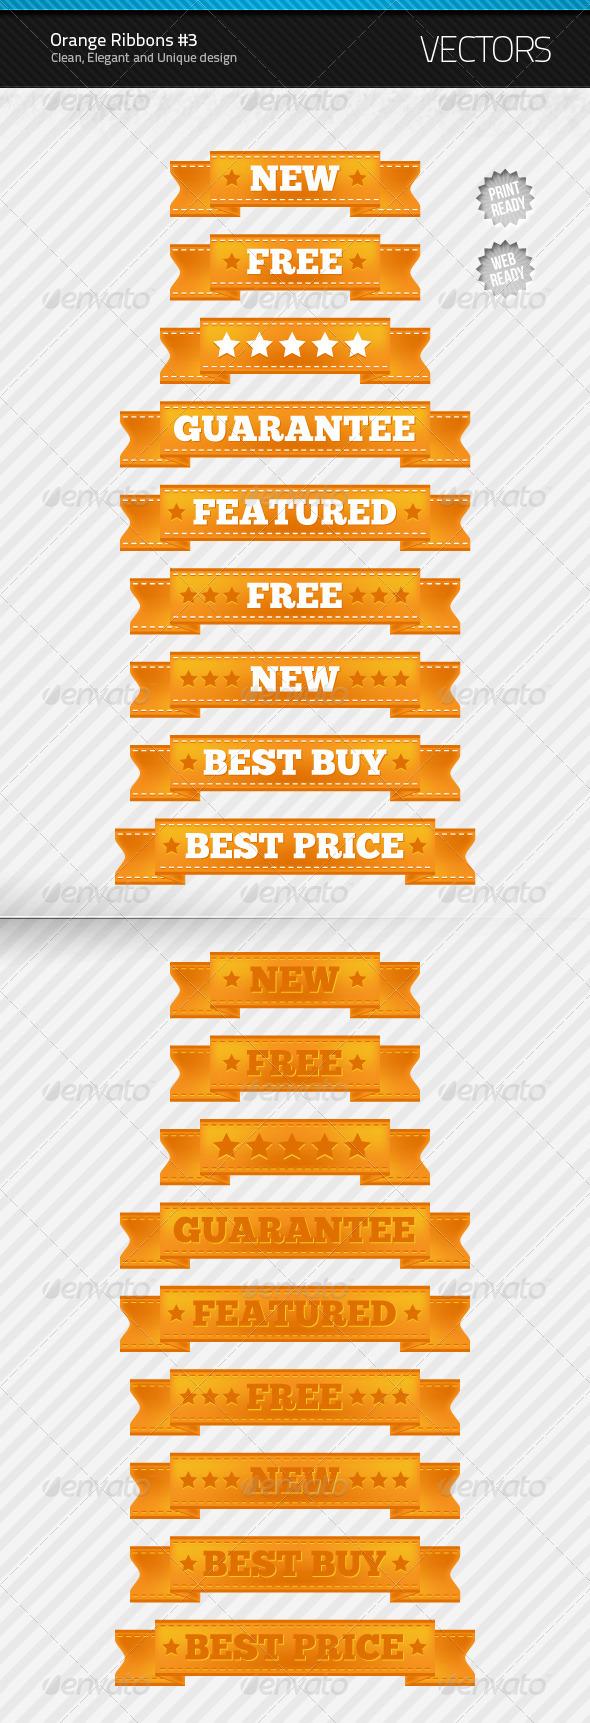 Orange Ribbons #3 - Decorative Vectors